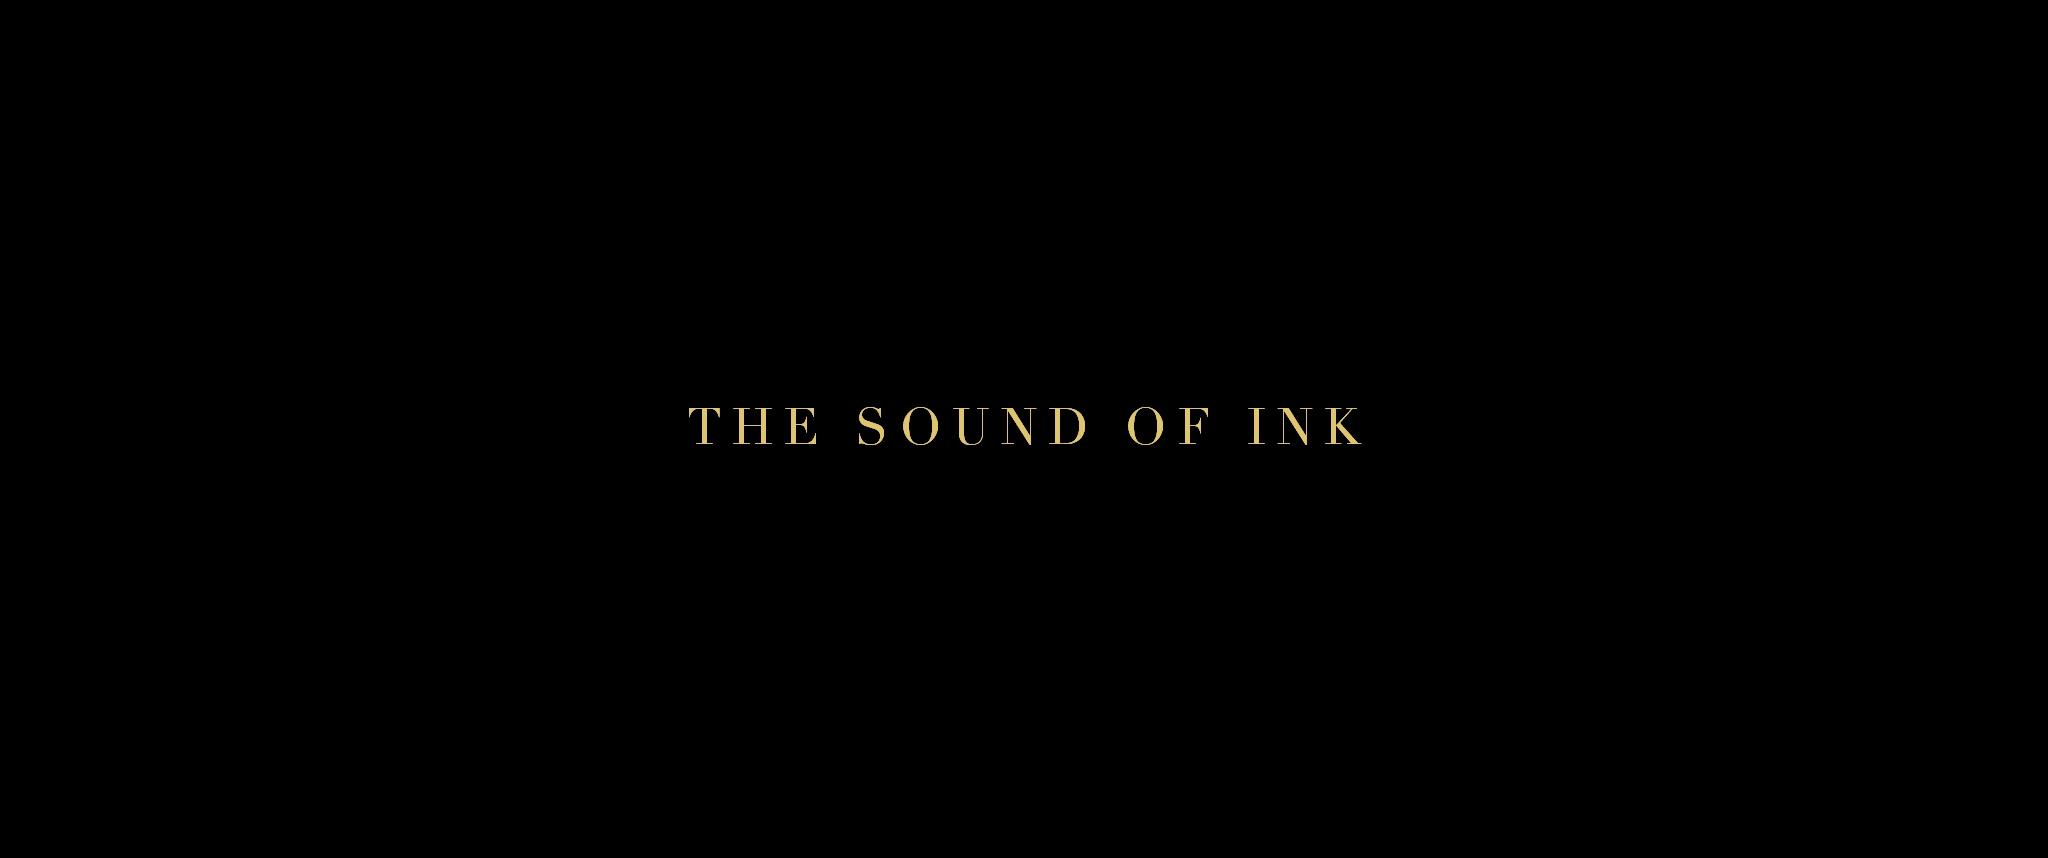 The Sound Of Ink, Schmidt Hammer Lassen Architects